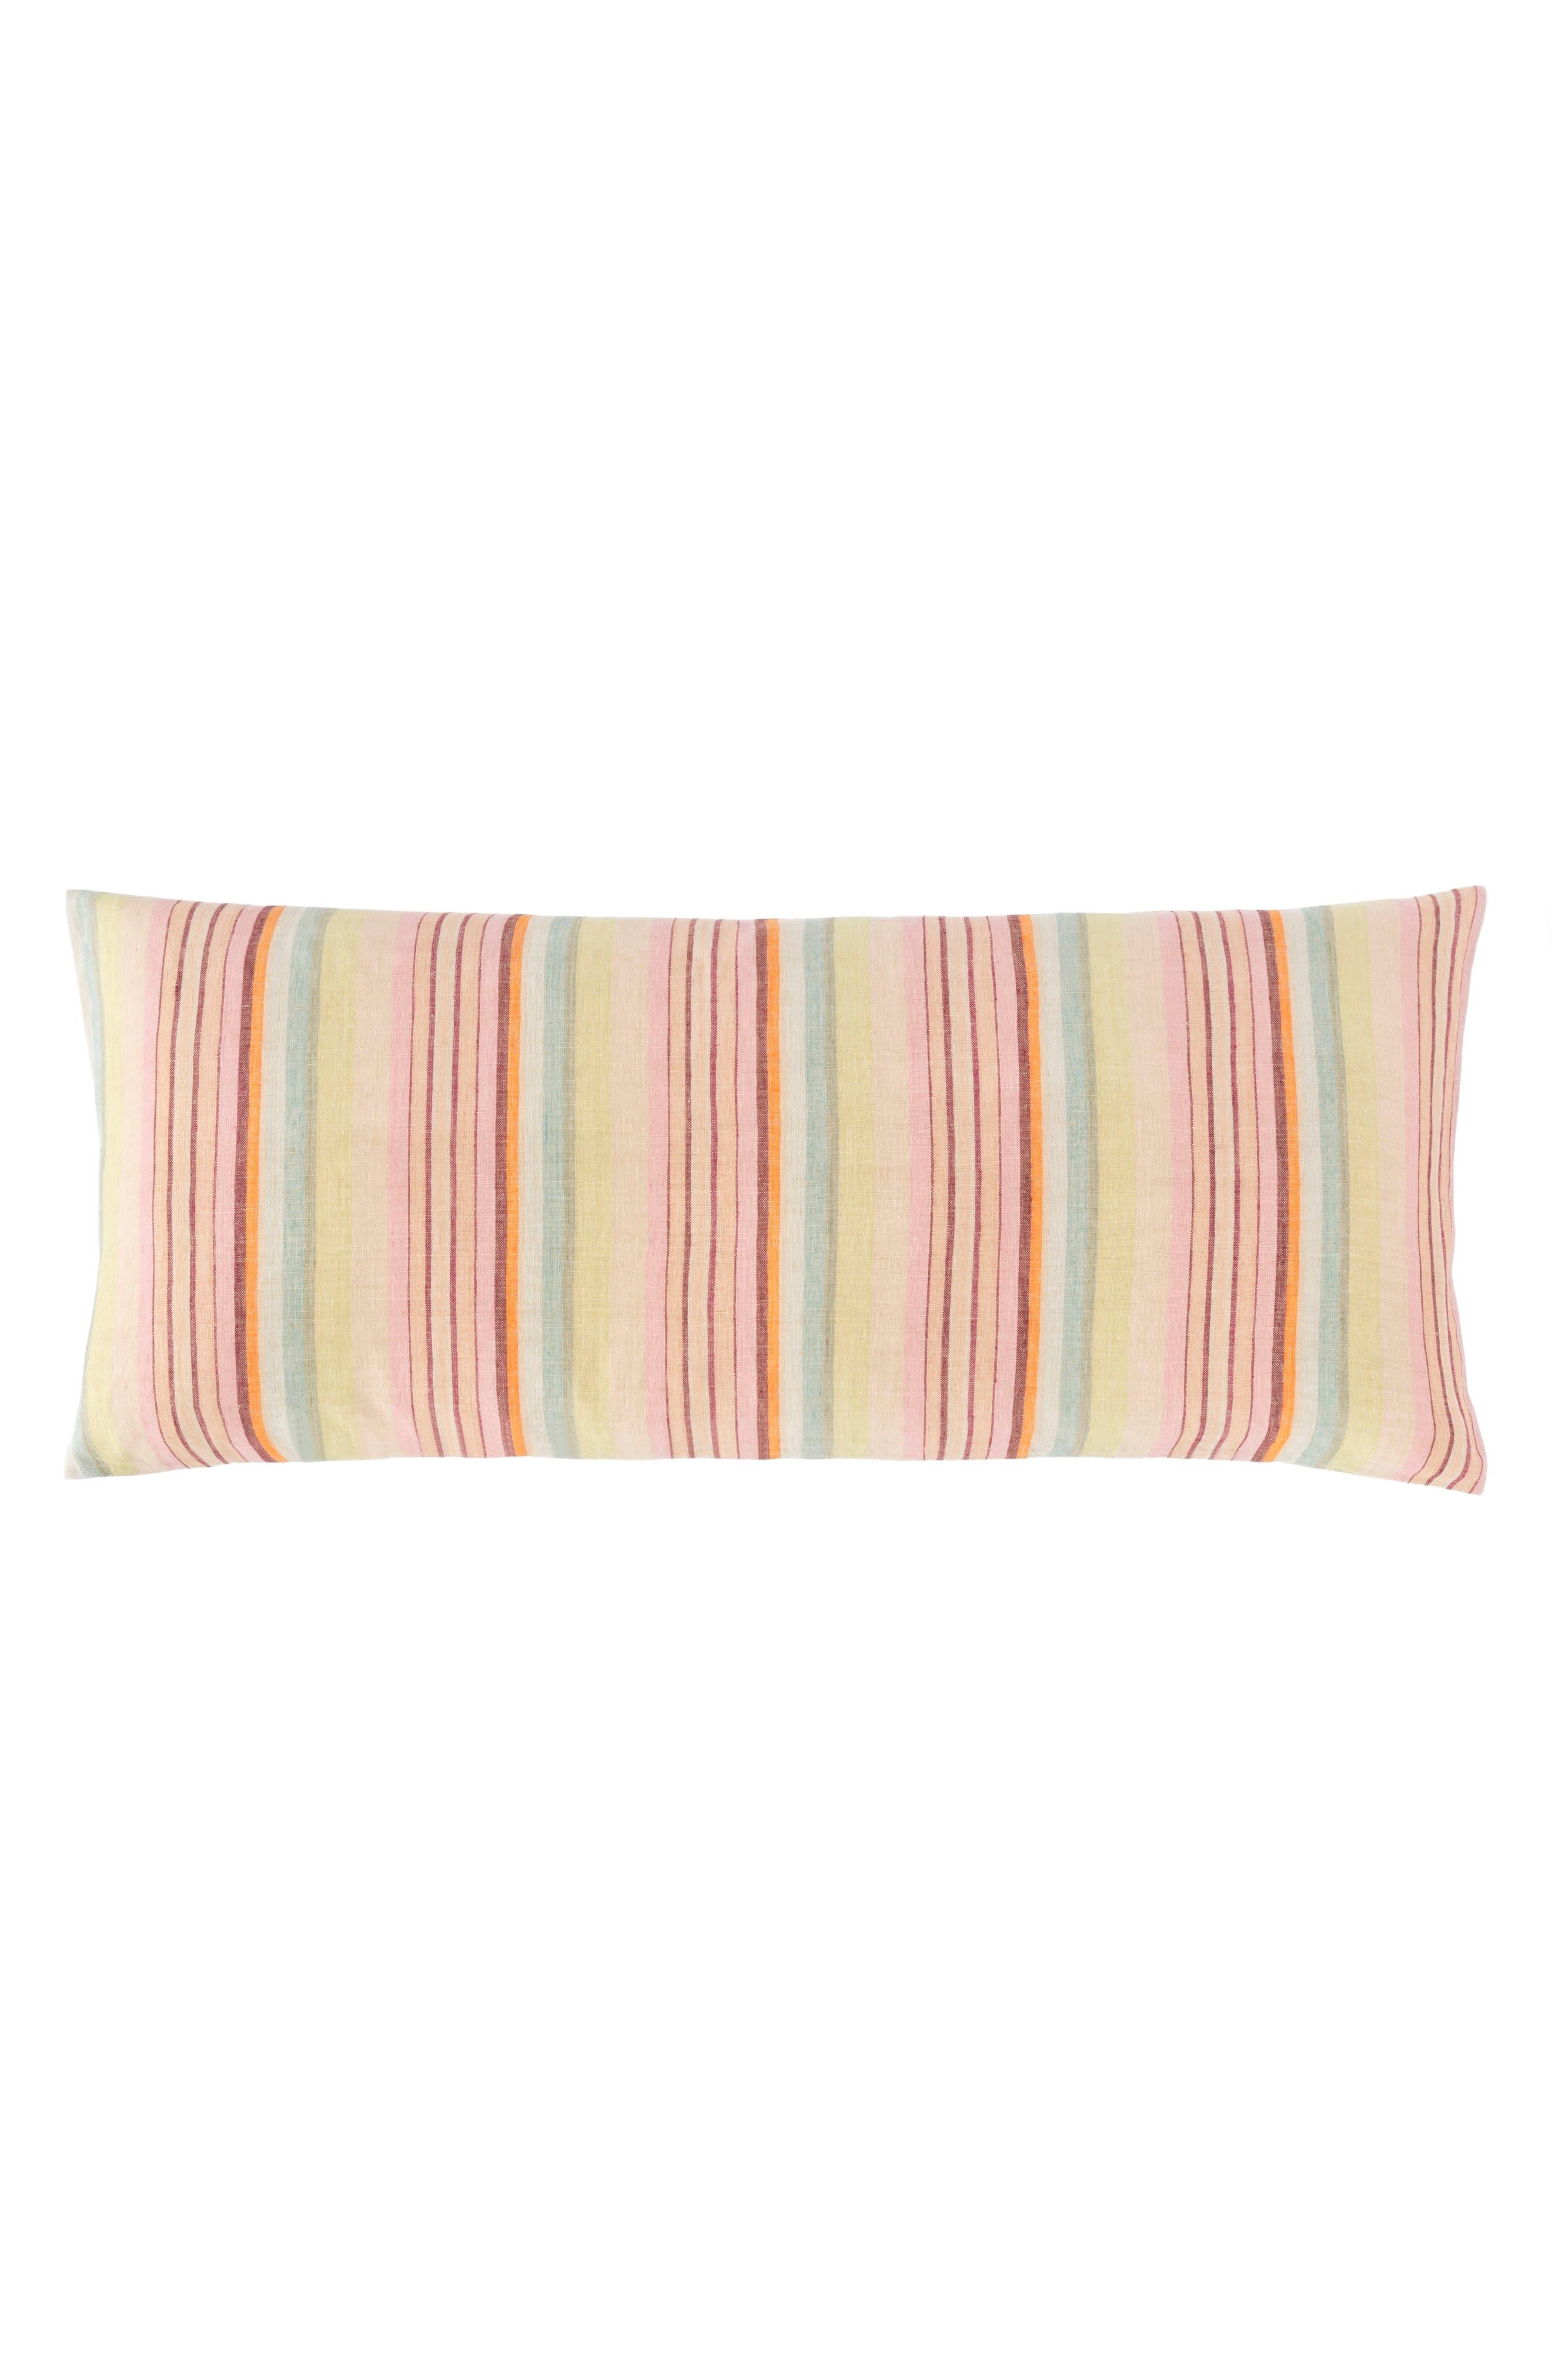 Savona Stripe Linen Accent Pillow,                             Main thumbnail 1, color,                             650